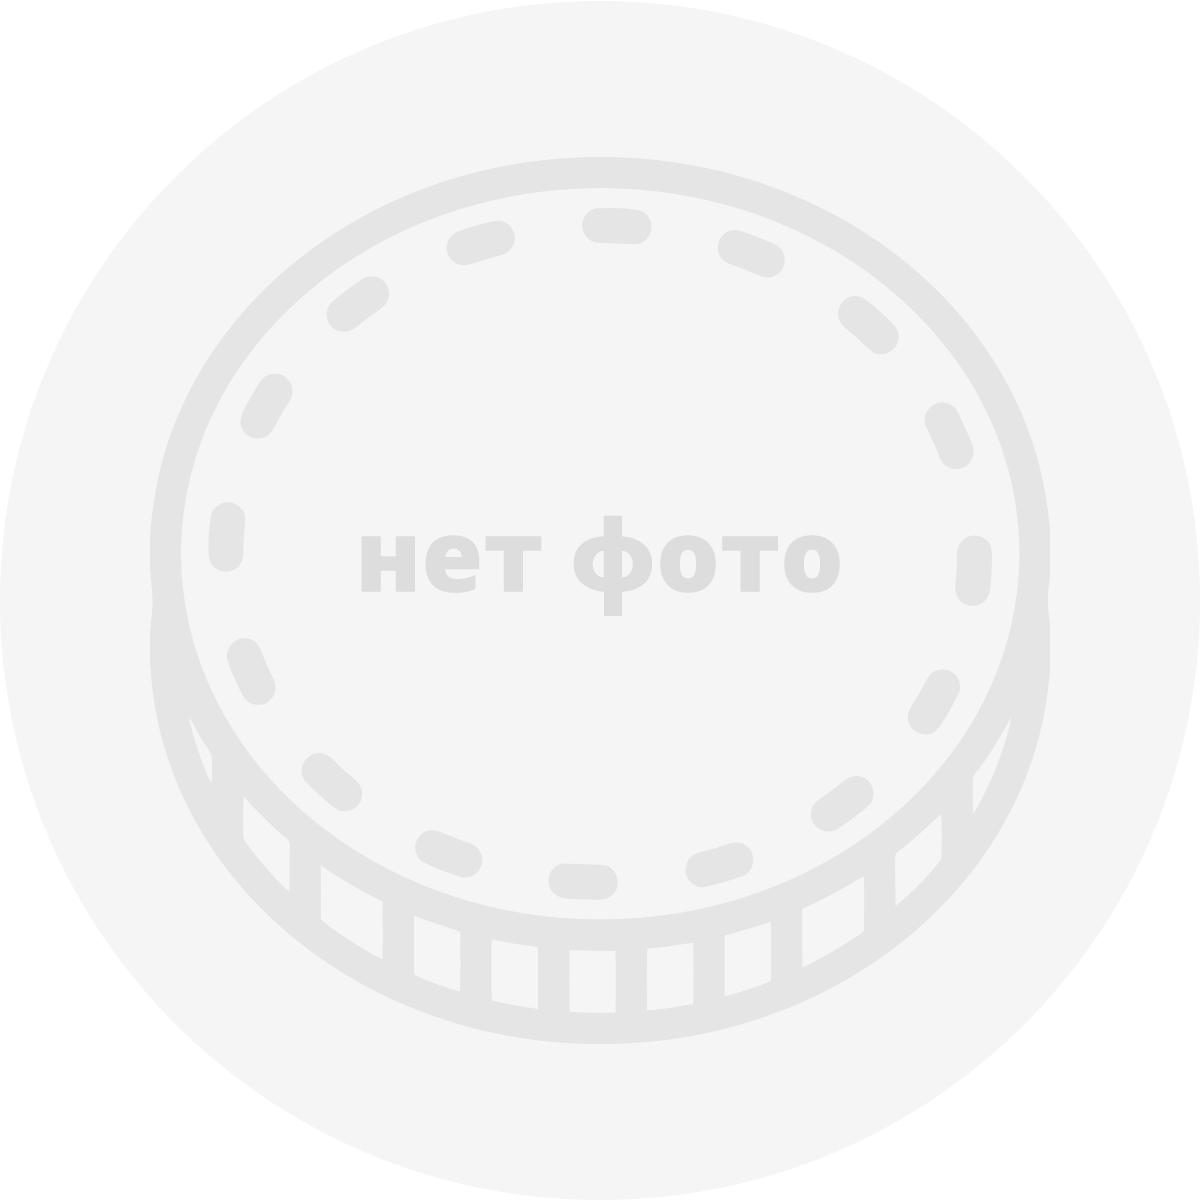 Самоклеющиеся холдеры 30 мм